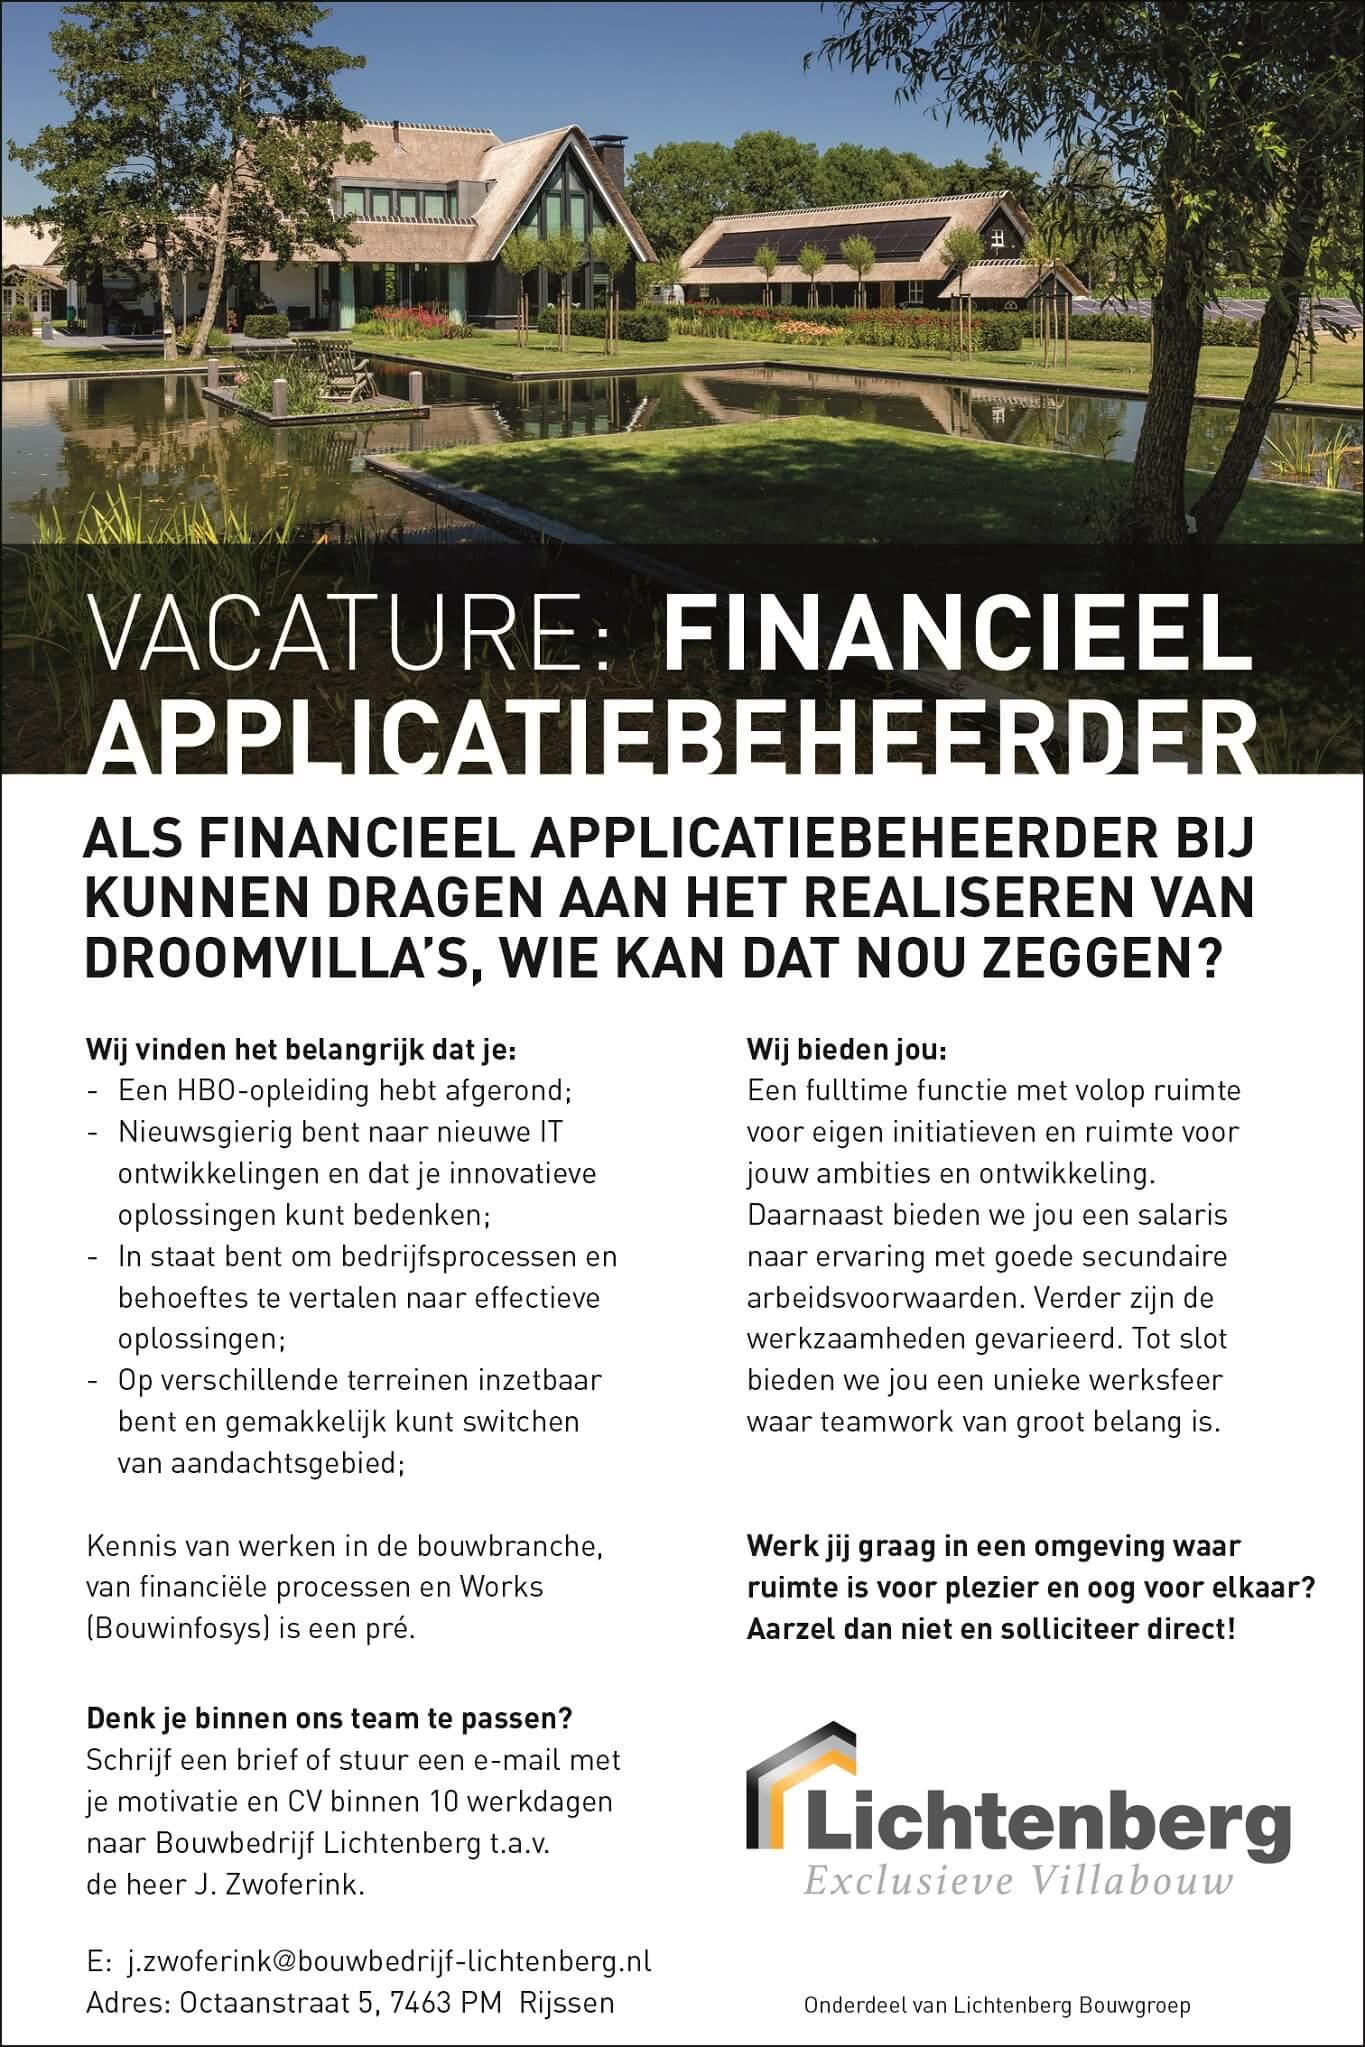 Vacature Financieel applicatiebeheerder BBL voor website